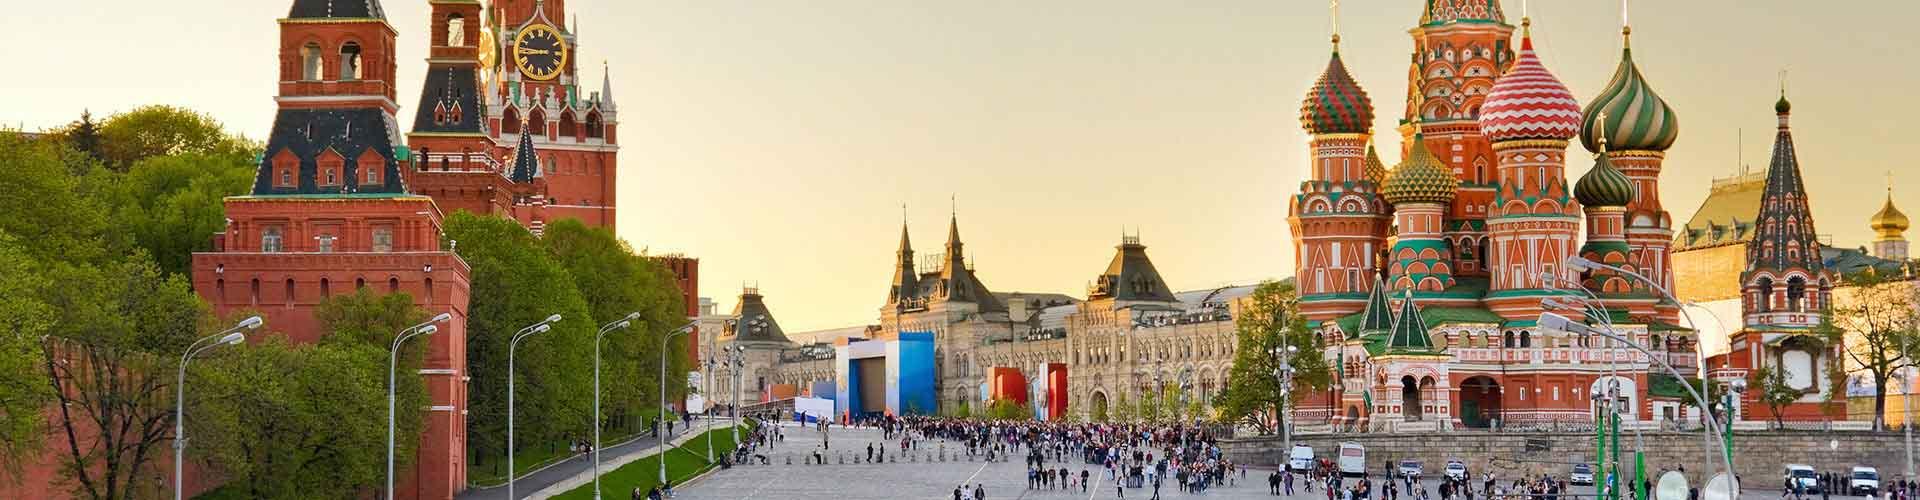 Moscou - Auberges de jeunesse près de Gare de Kiyevsky. Cartes pour Moscou, photos et commentaires pour chaque auberge de jeunesse à Moscou.